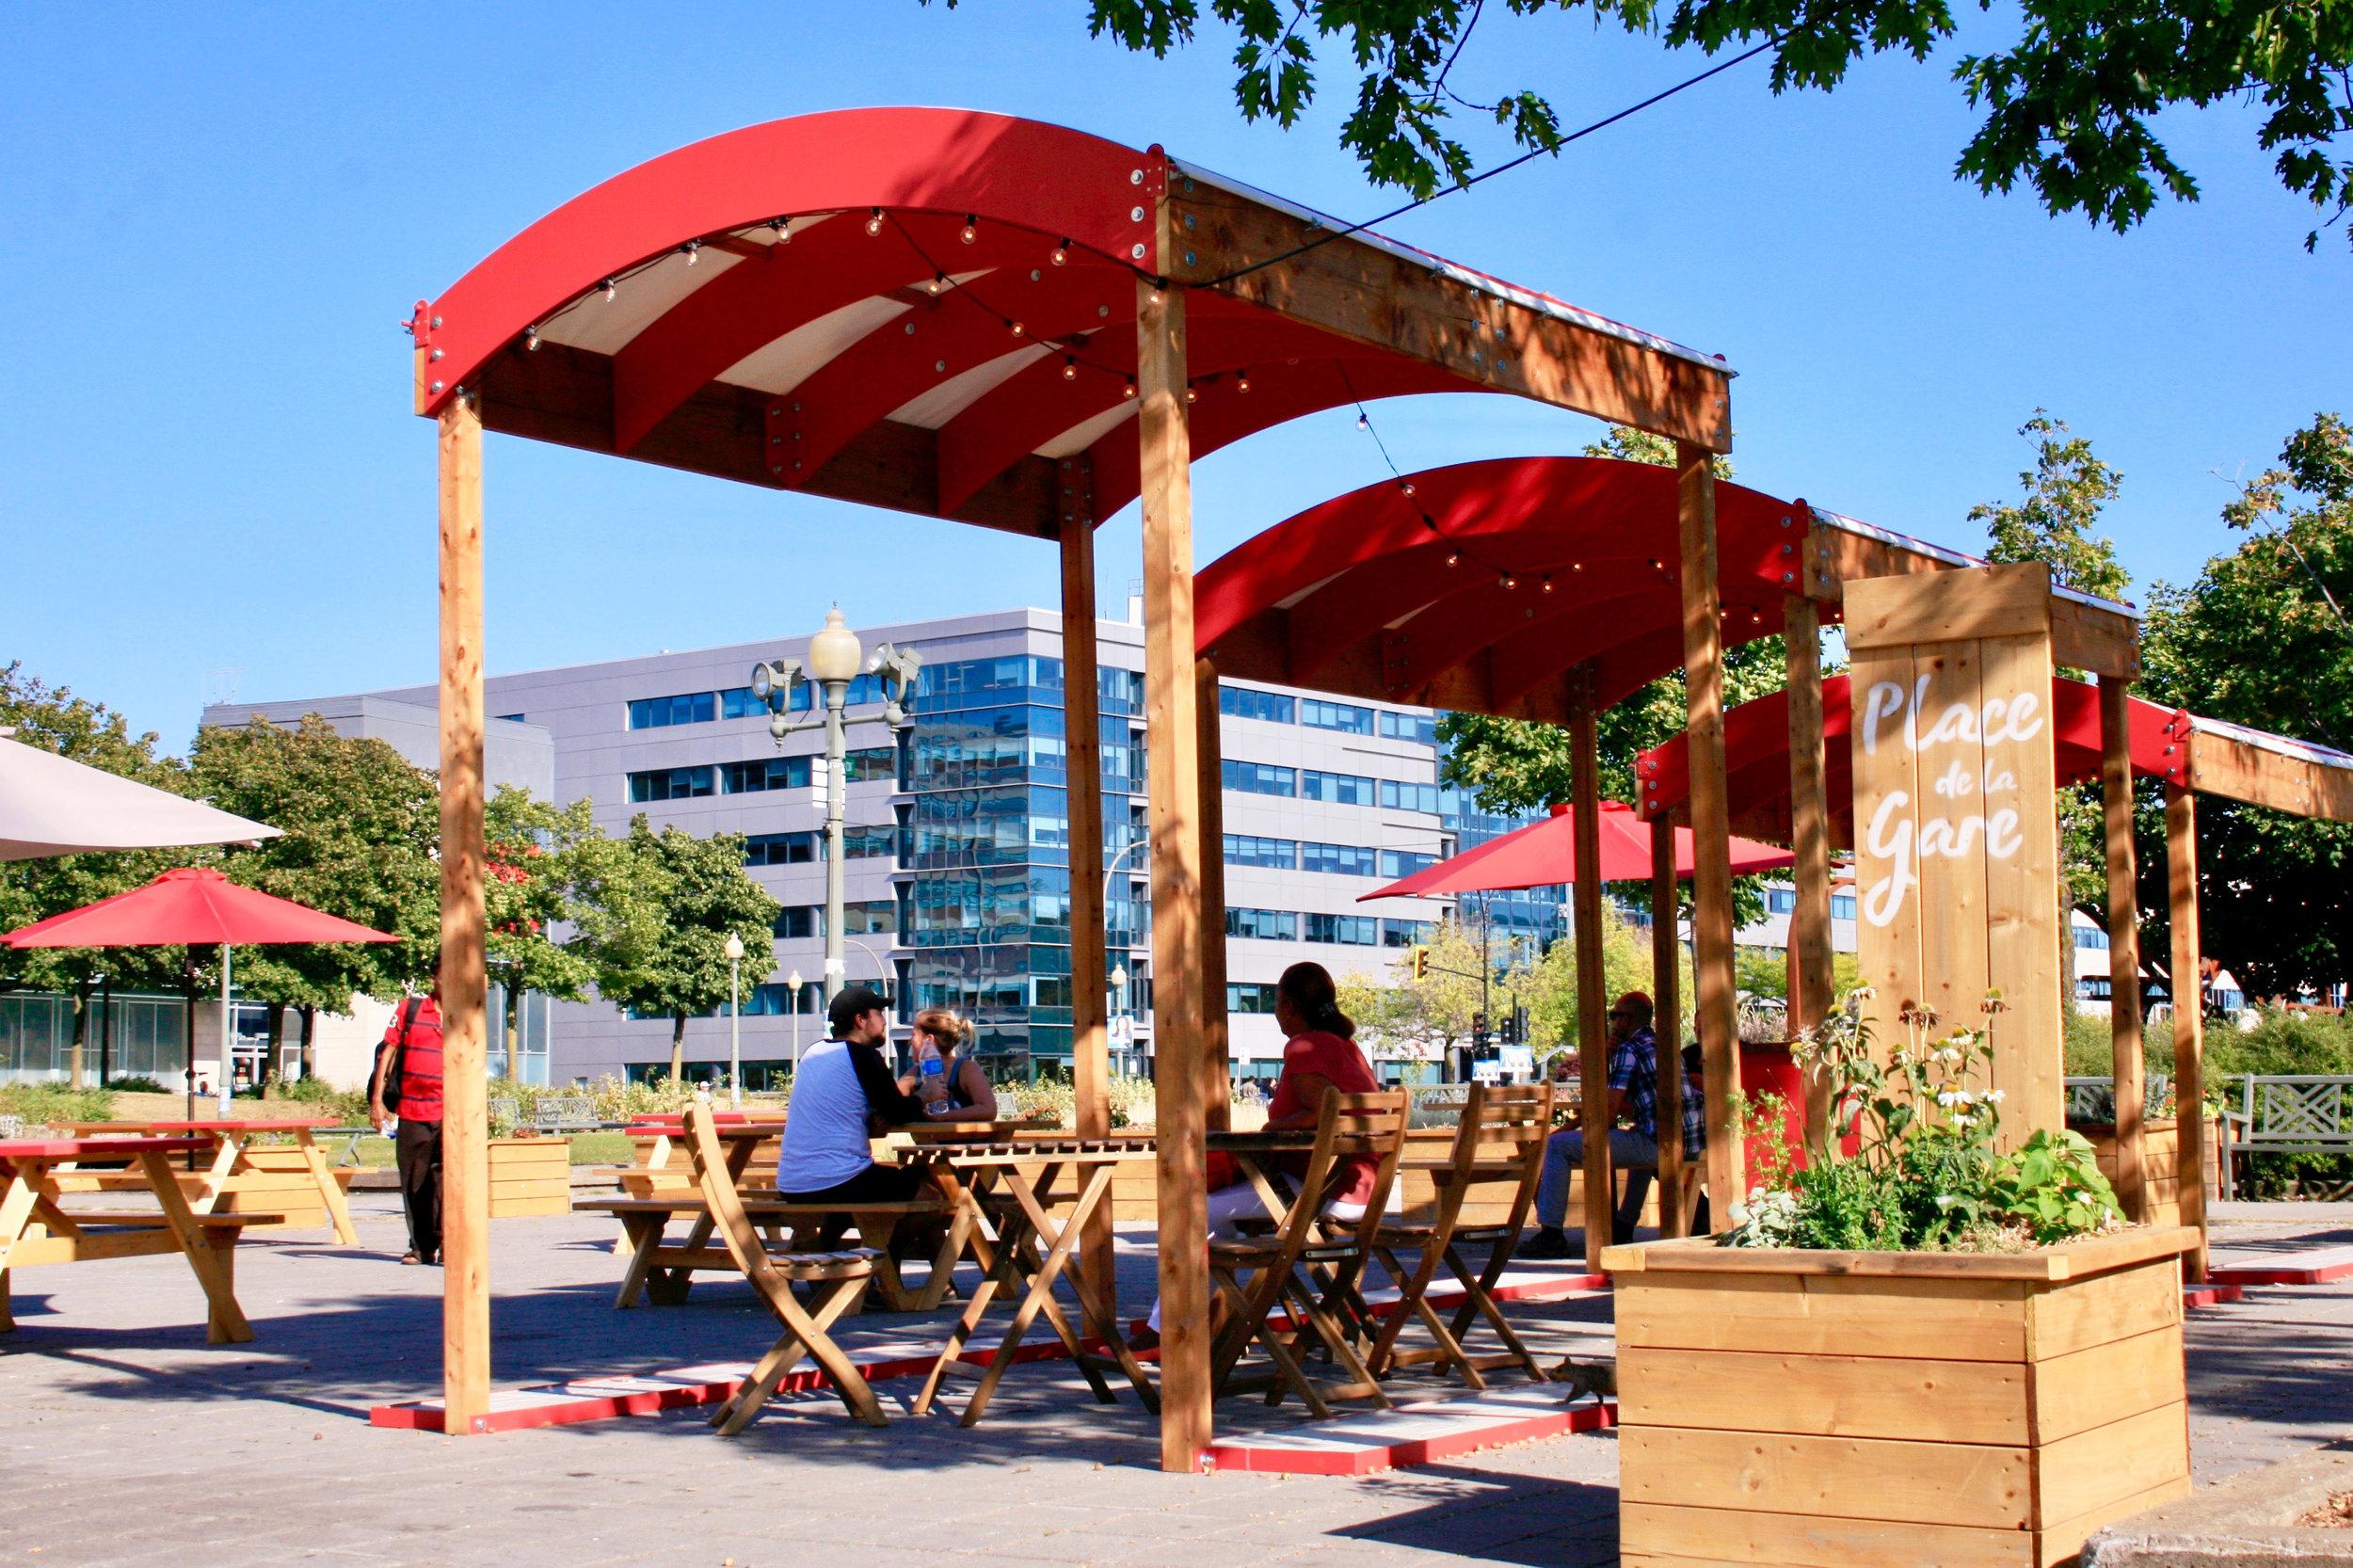 Place de la Gare in collaboration with Parc Ex-nourricier -